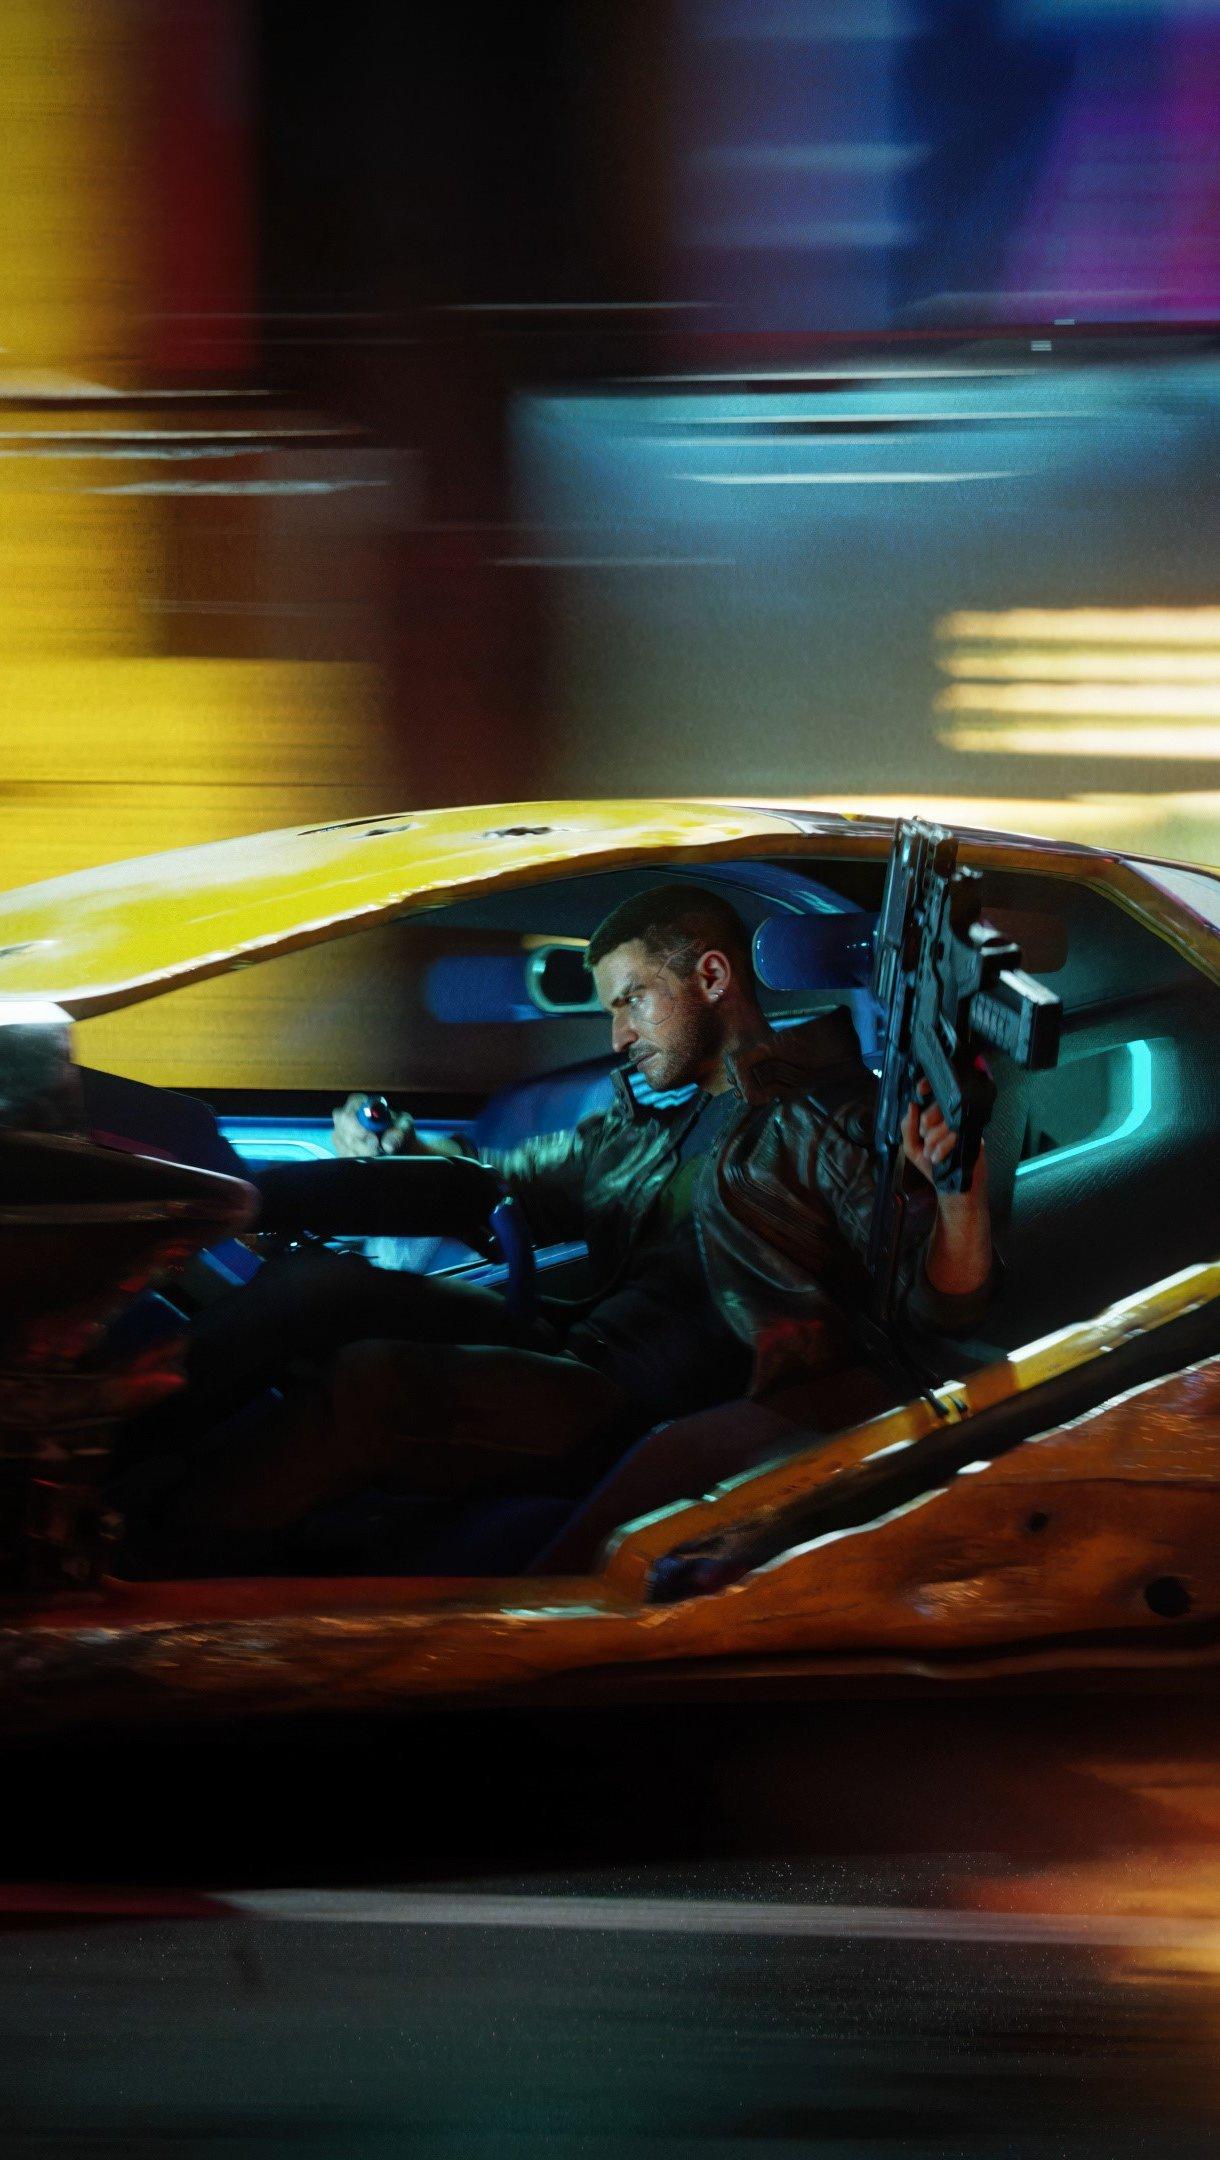 Wallpaper Guy driving with gun Cyberpunk 2077 Vertical